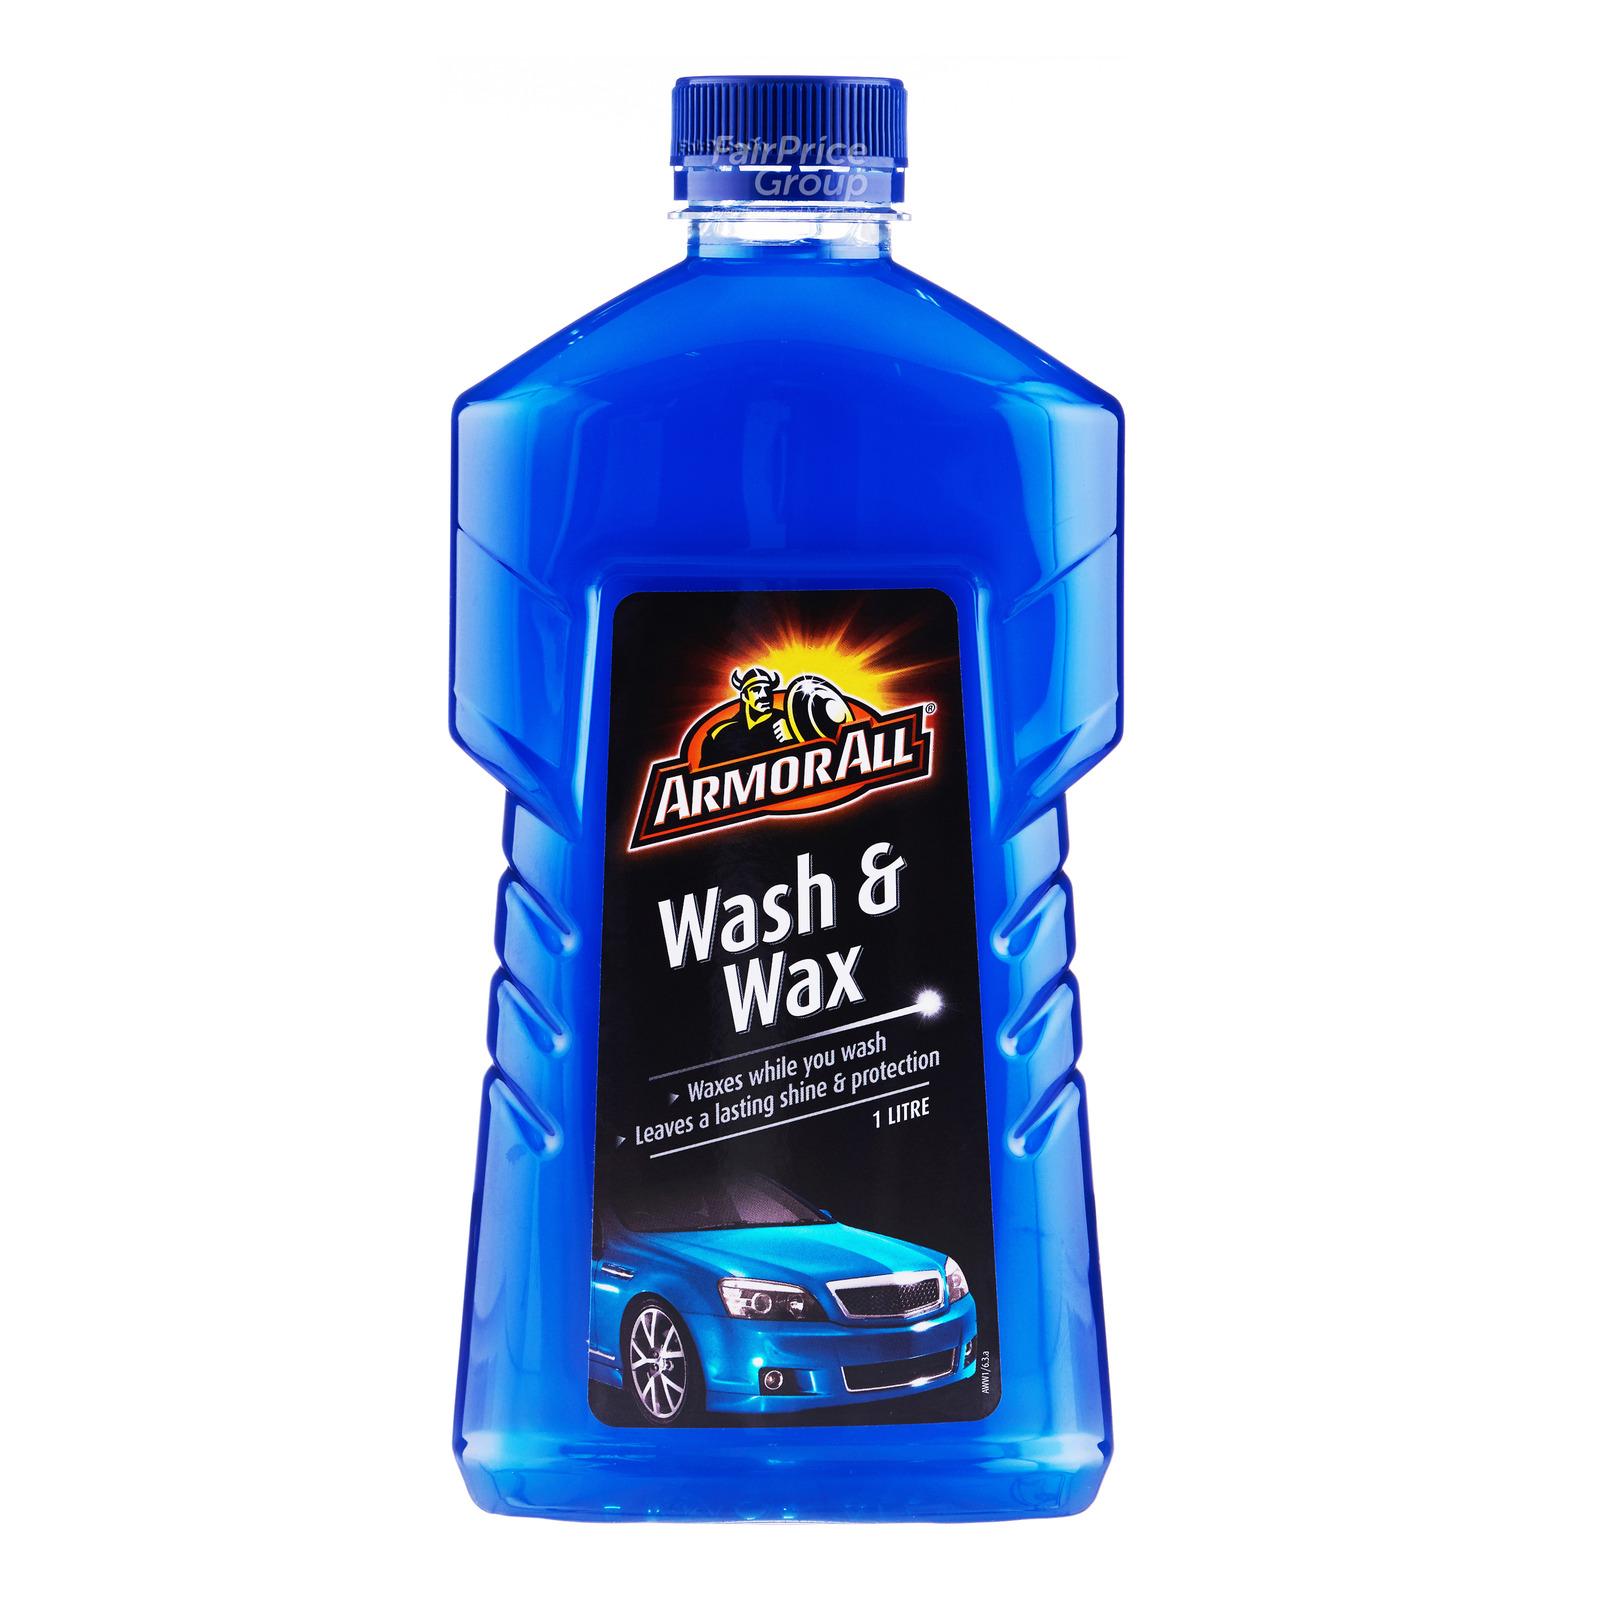 Armor All Wash & Wax